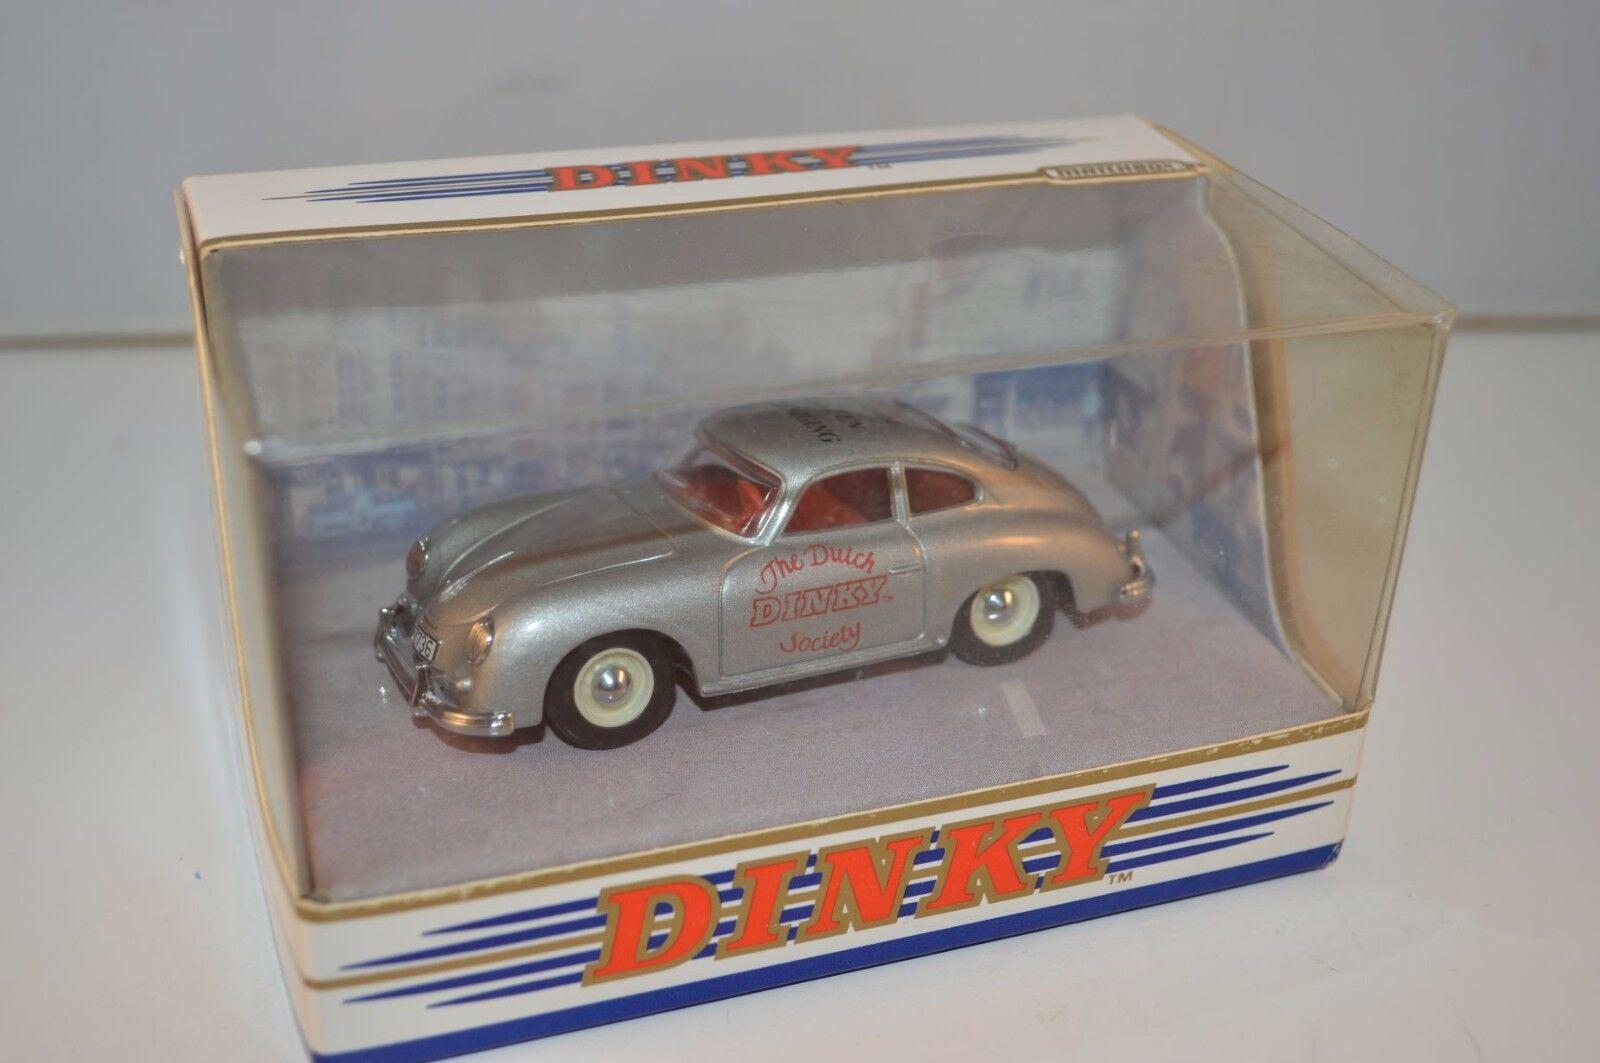 el estilo clásico Porsche 356A Coupe Coupe Coupe Dutch Dinky Society van Dinky DY-25 Code 3 Model in Box  Los mejores precios y los estilos más frescos.